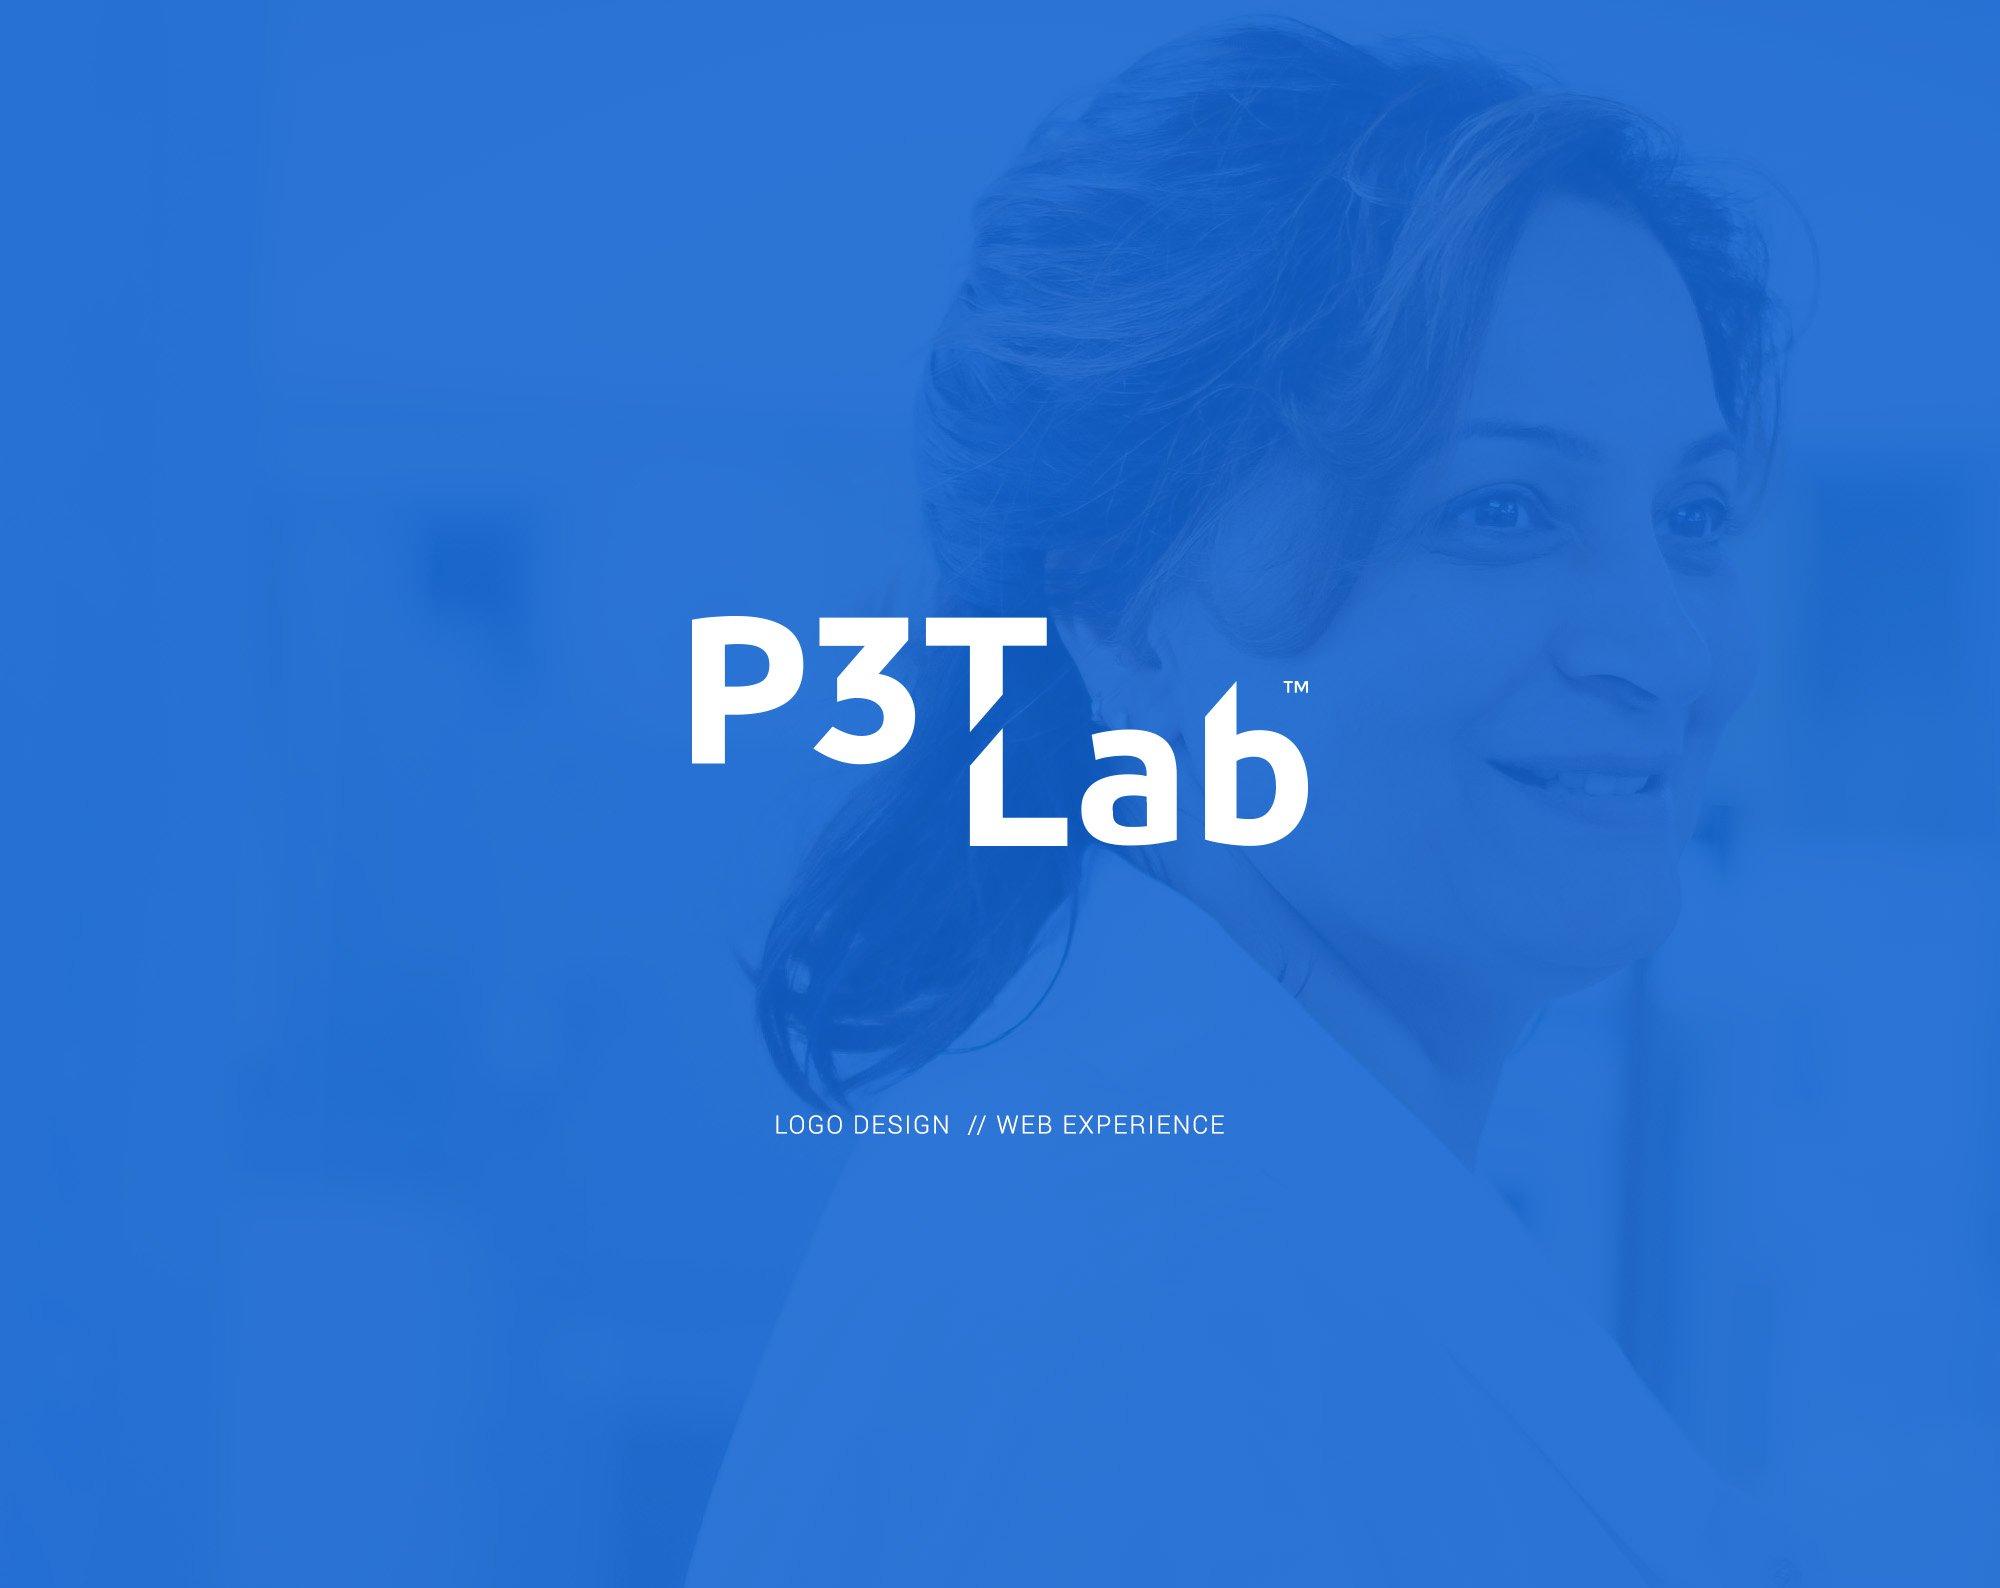 P3T Lab logo design and web design